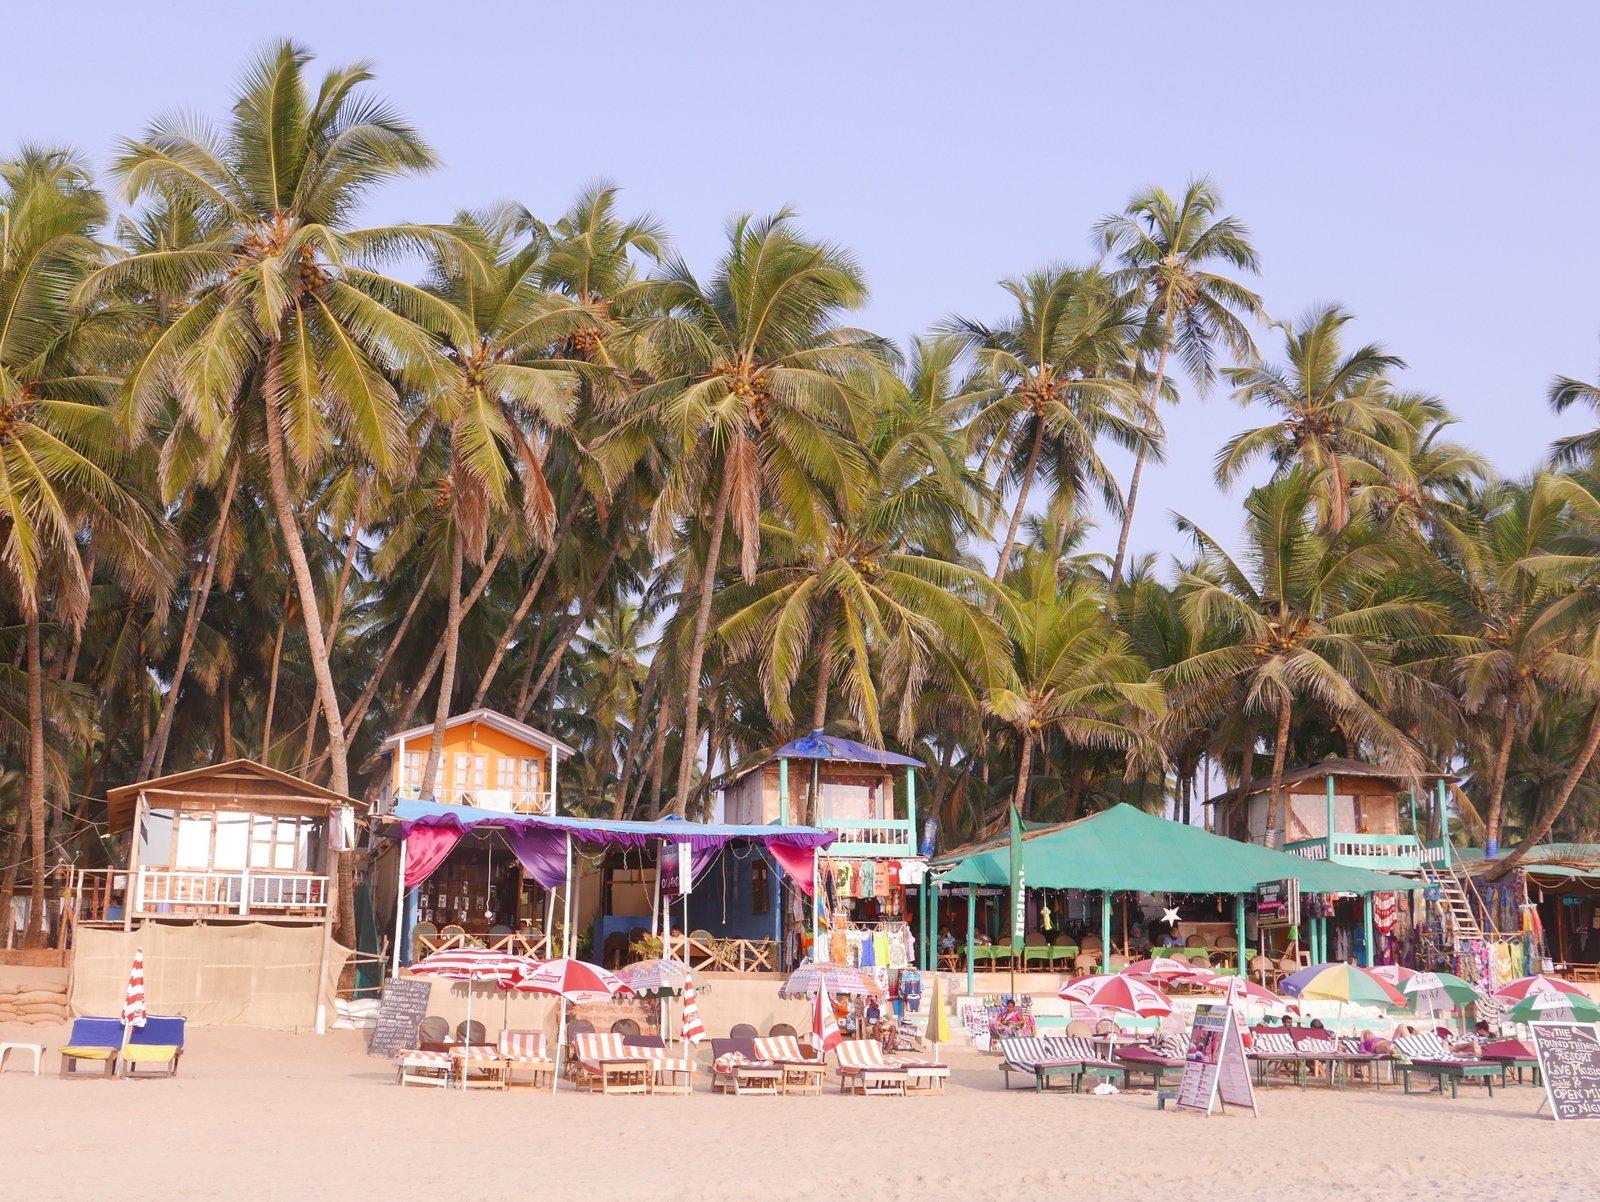 La plage de Palolem au sud de Goa